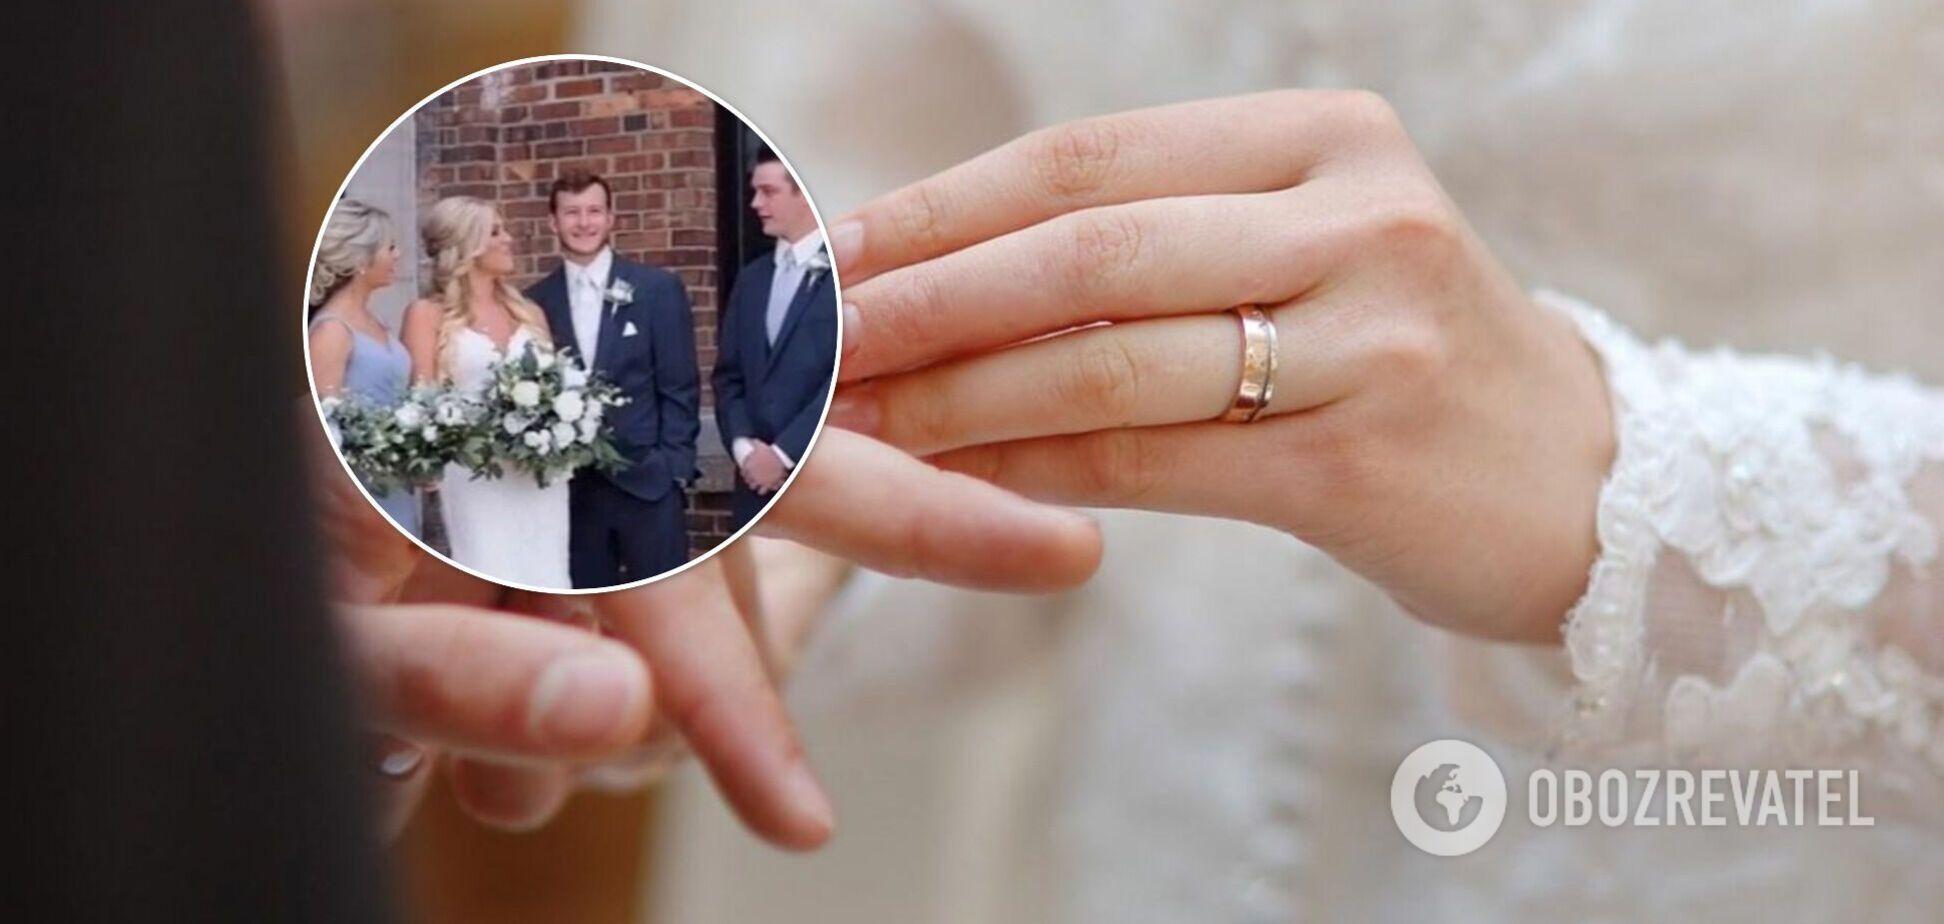 На весіллі оператор назвав наречену ім'ям колишньої дівчини її нареченого. Відео